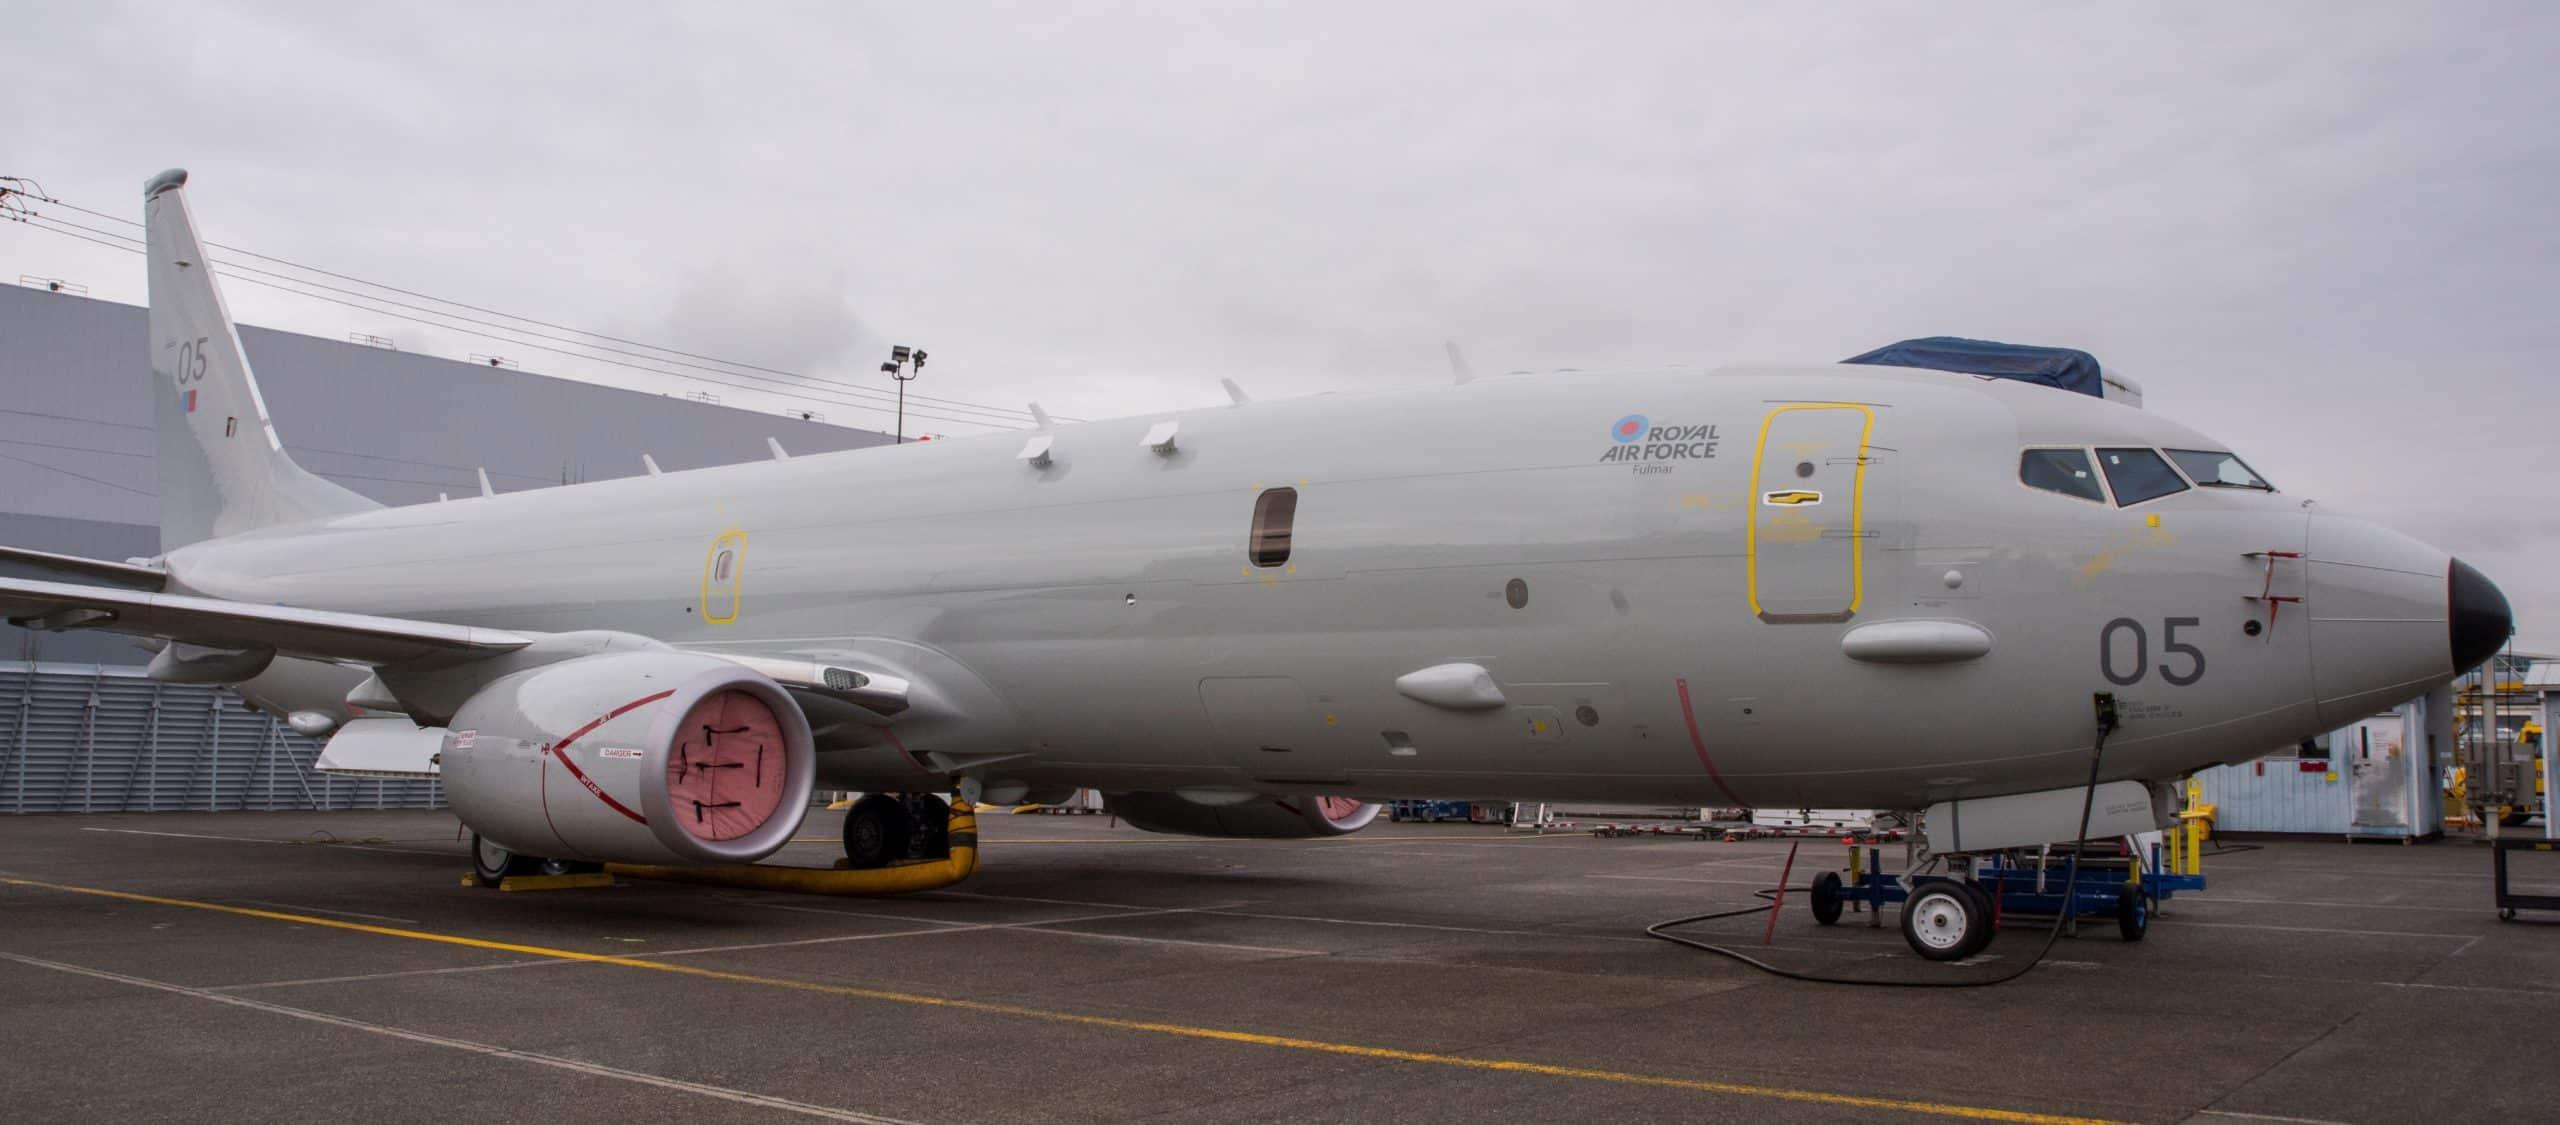 П'ятий морський патрульний літак P-8A «Poseidon» Британії з назвою «Fulmar». Лютий 2021. Фото: ПС Британії